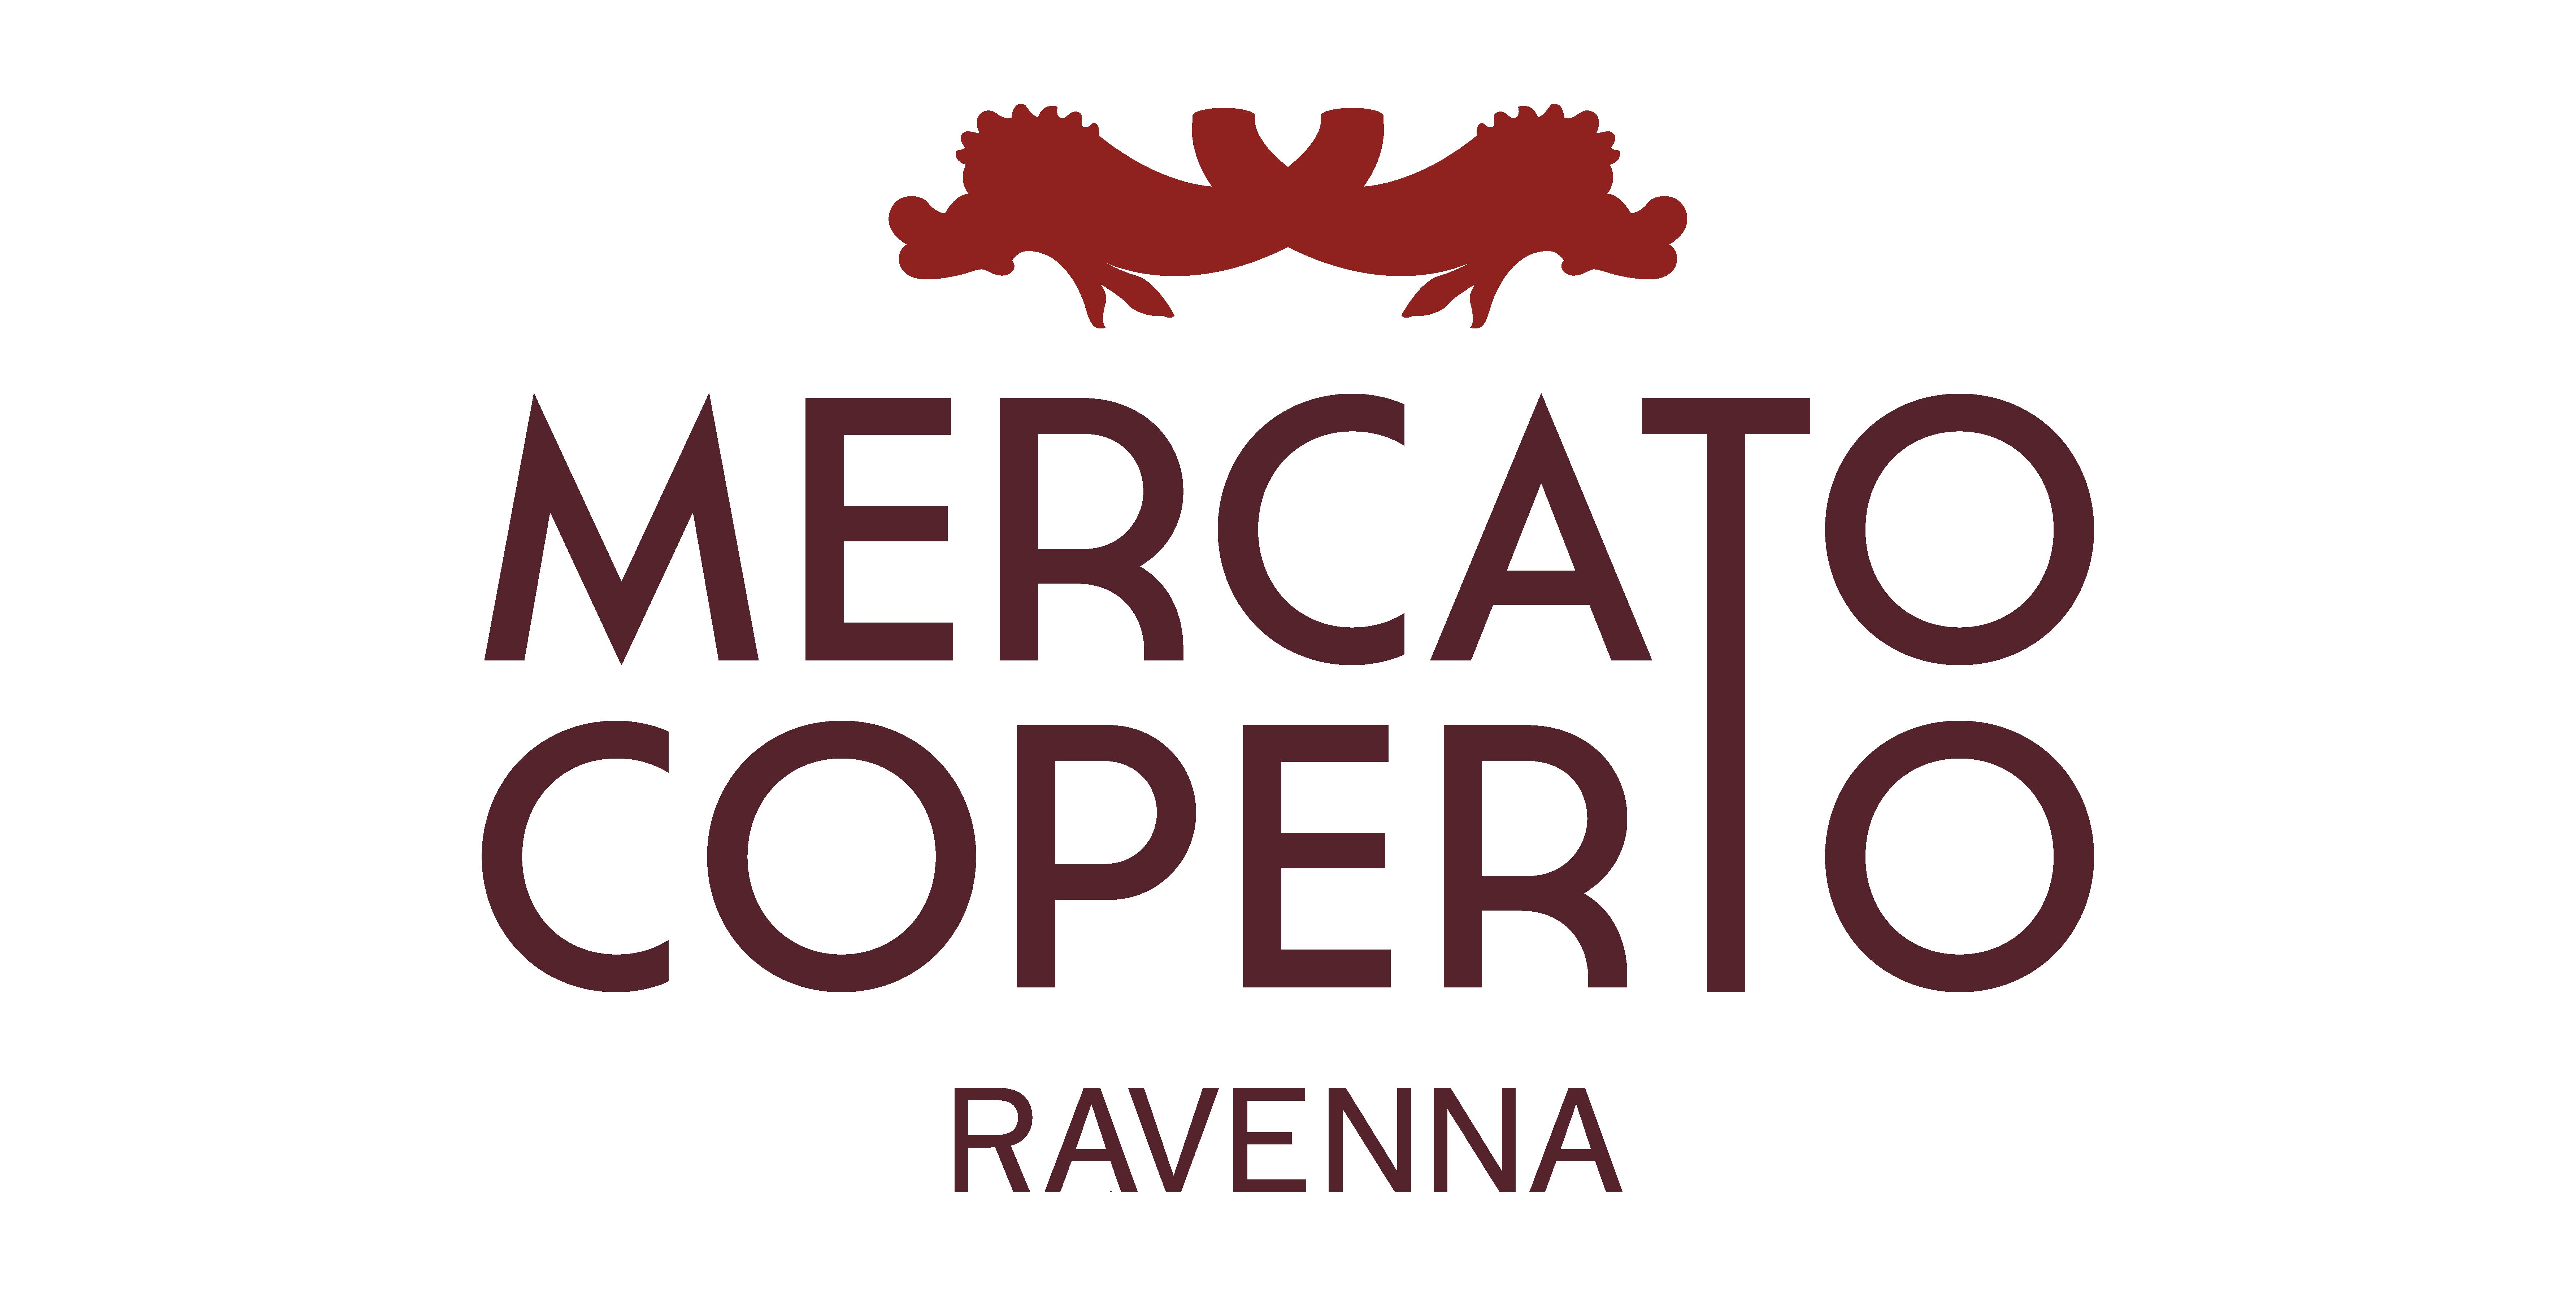 Mercato Coperto Ravenna